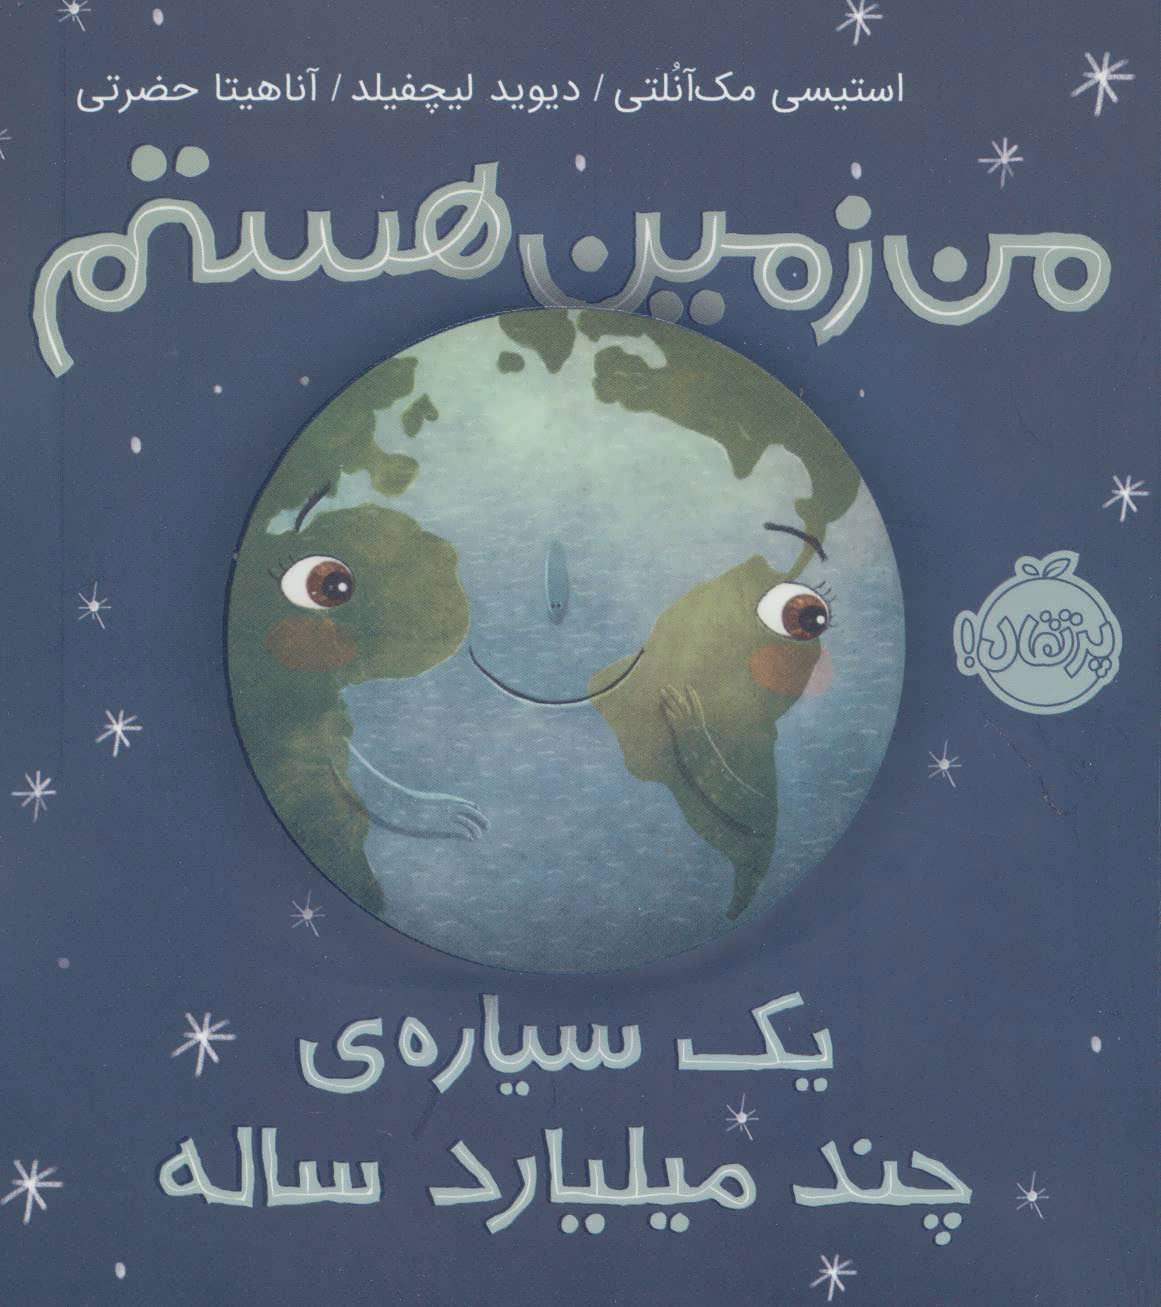 کتاب من زمین هستم